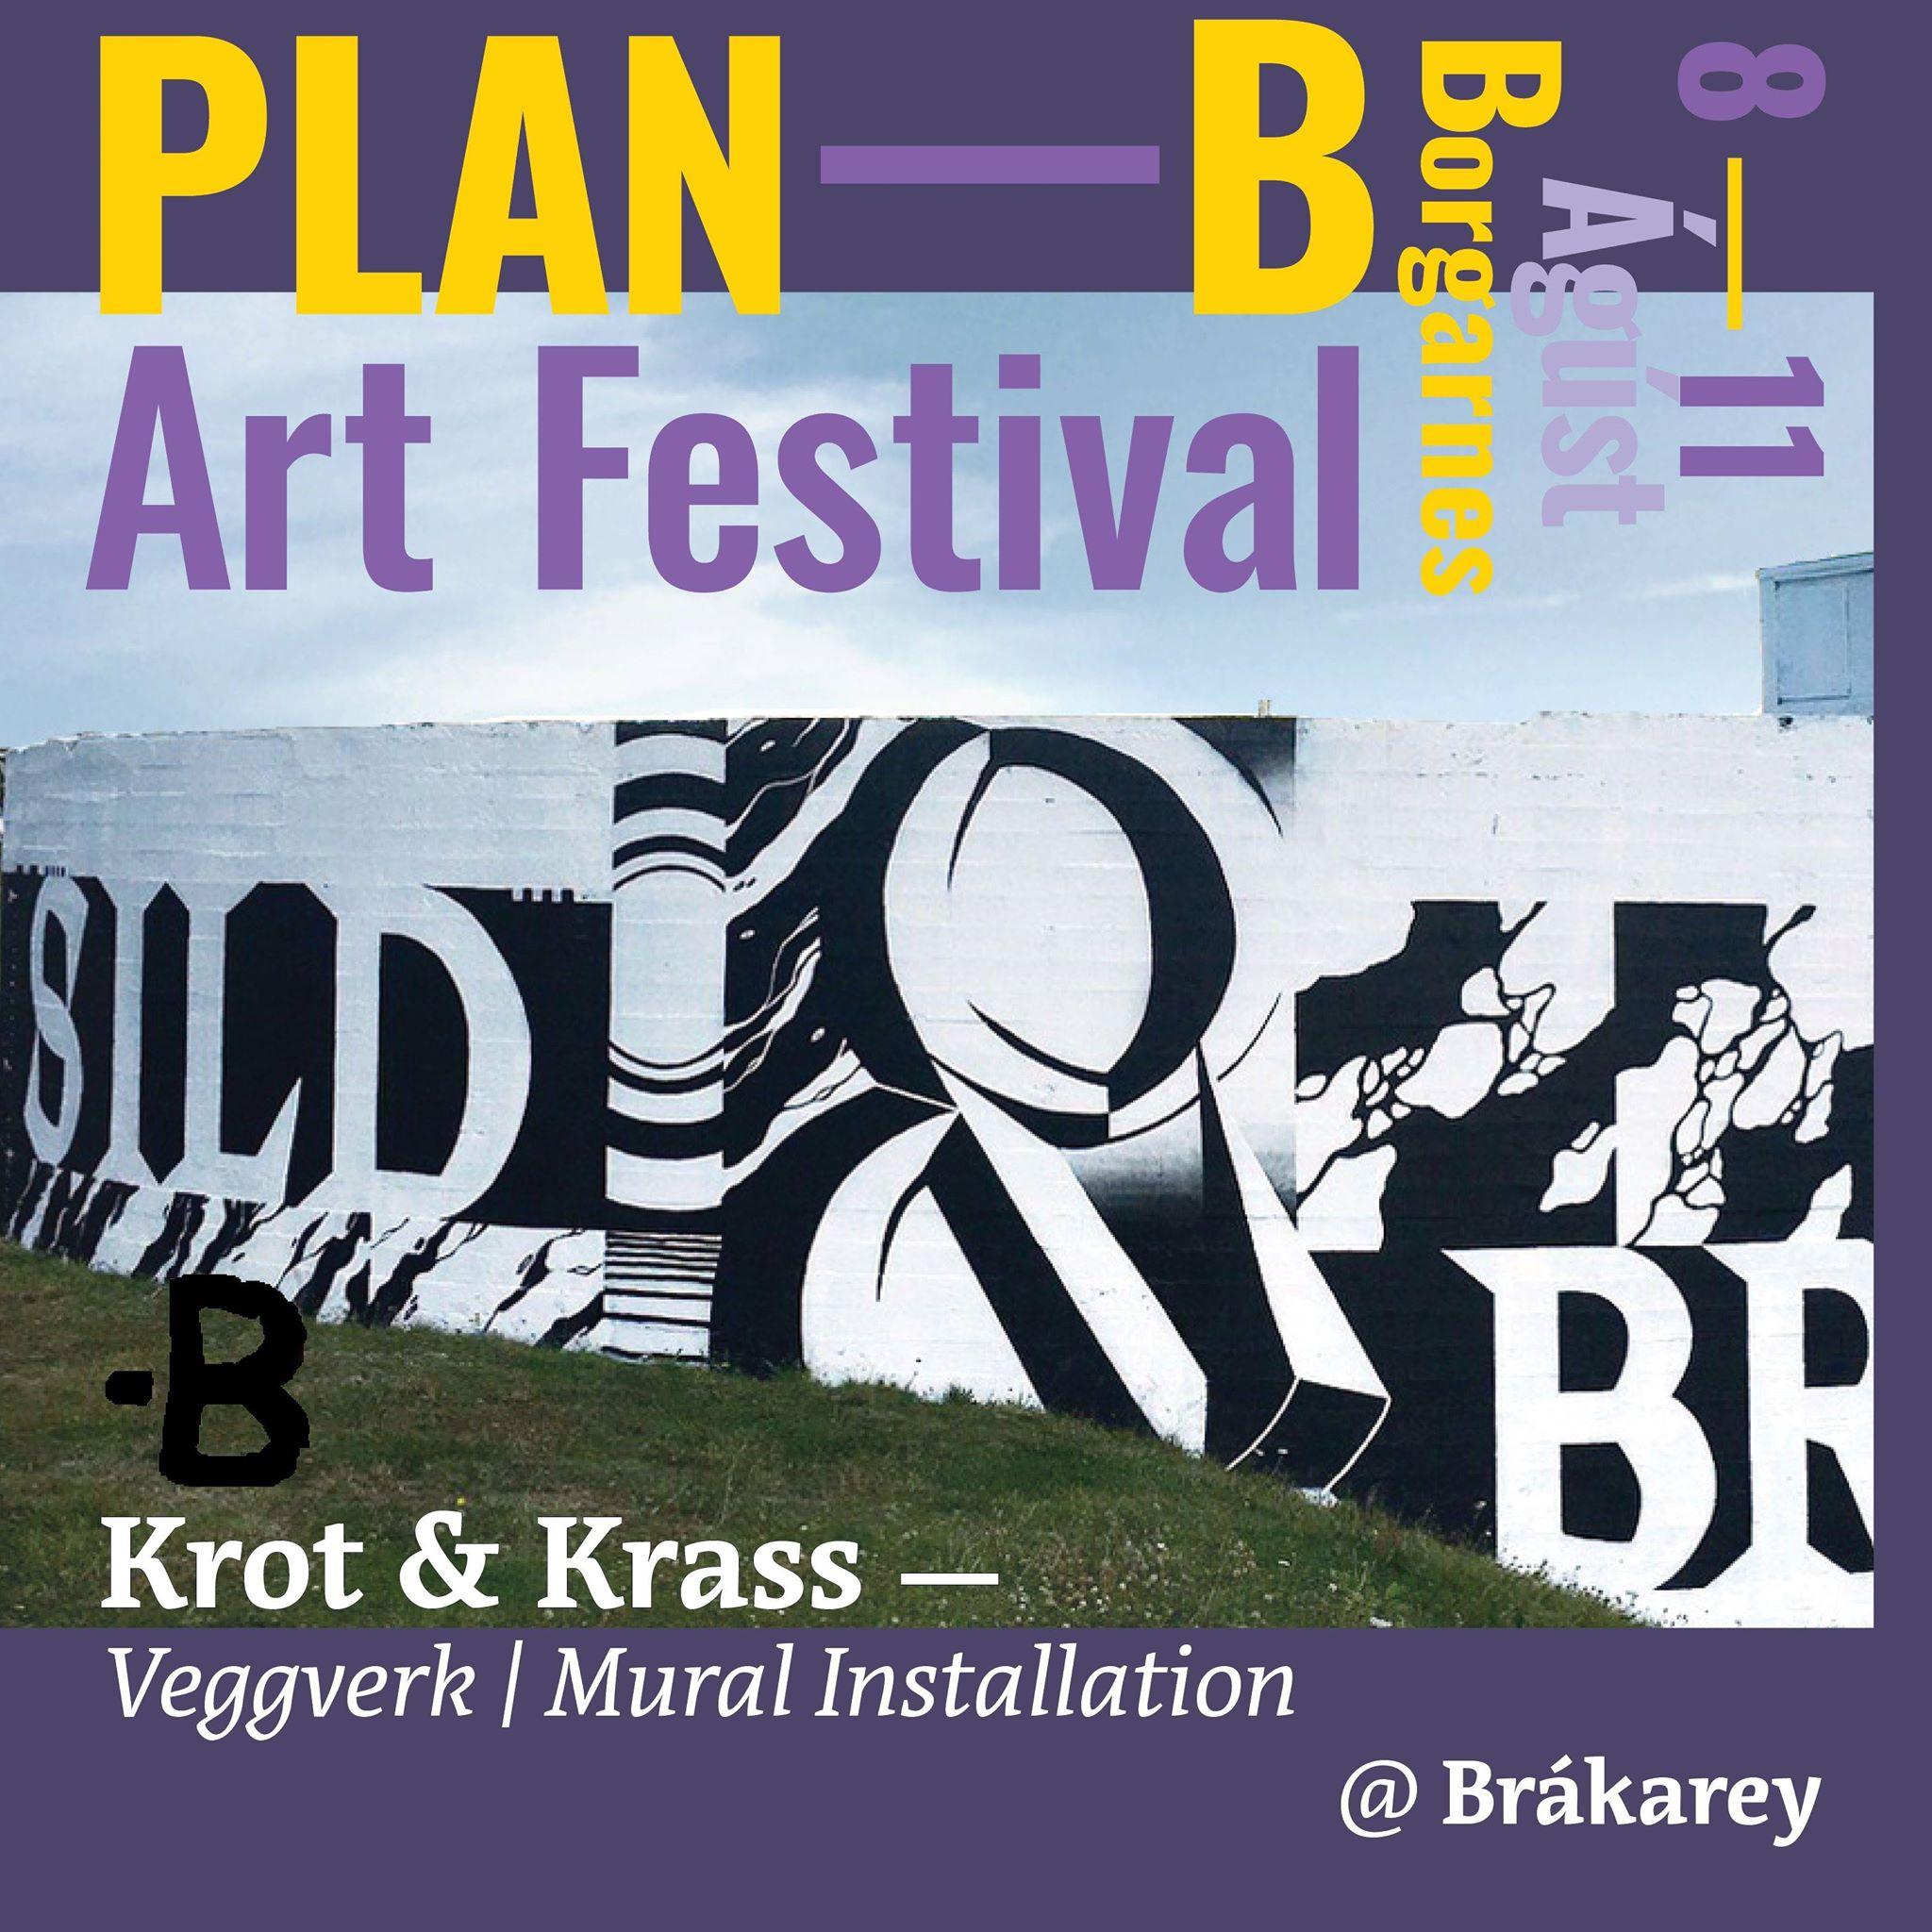 Krot & Krass